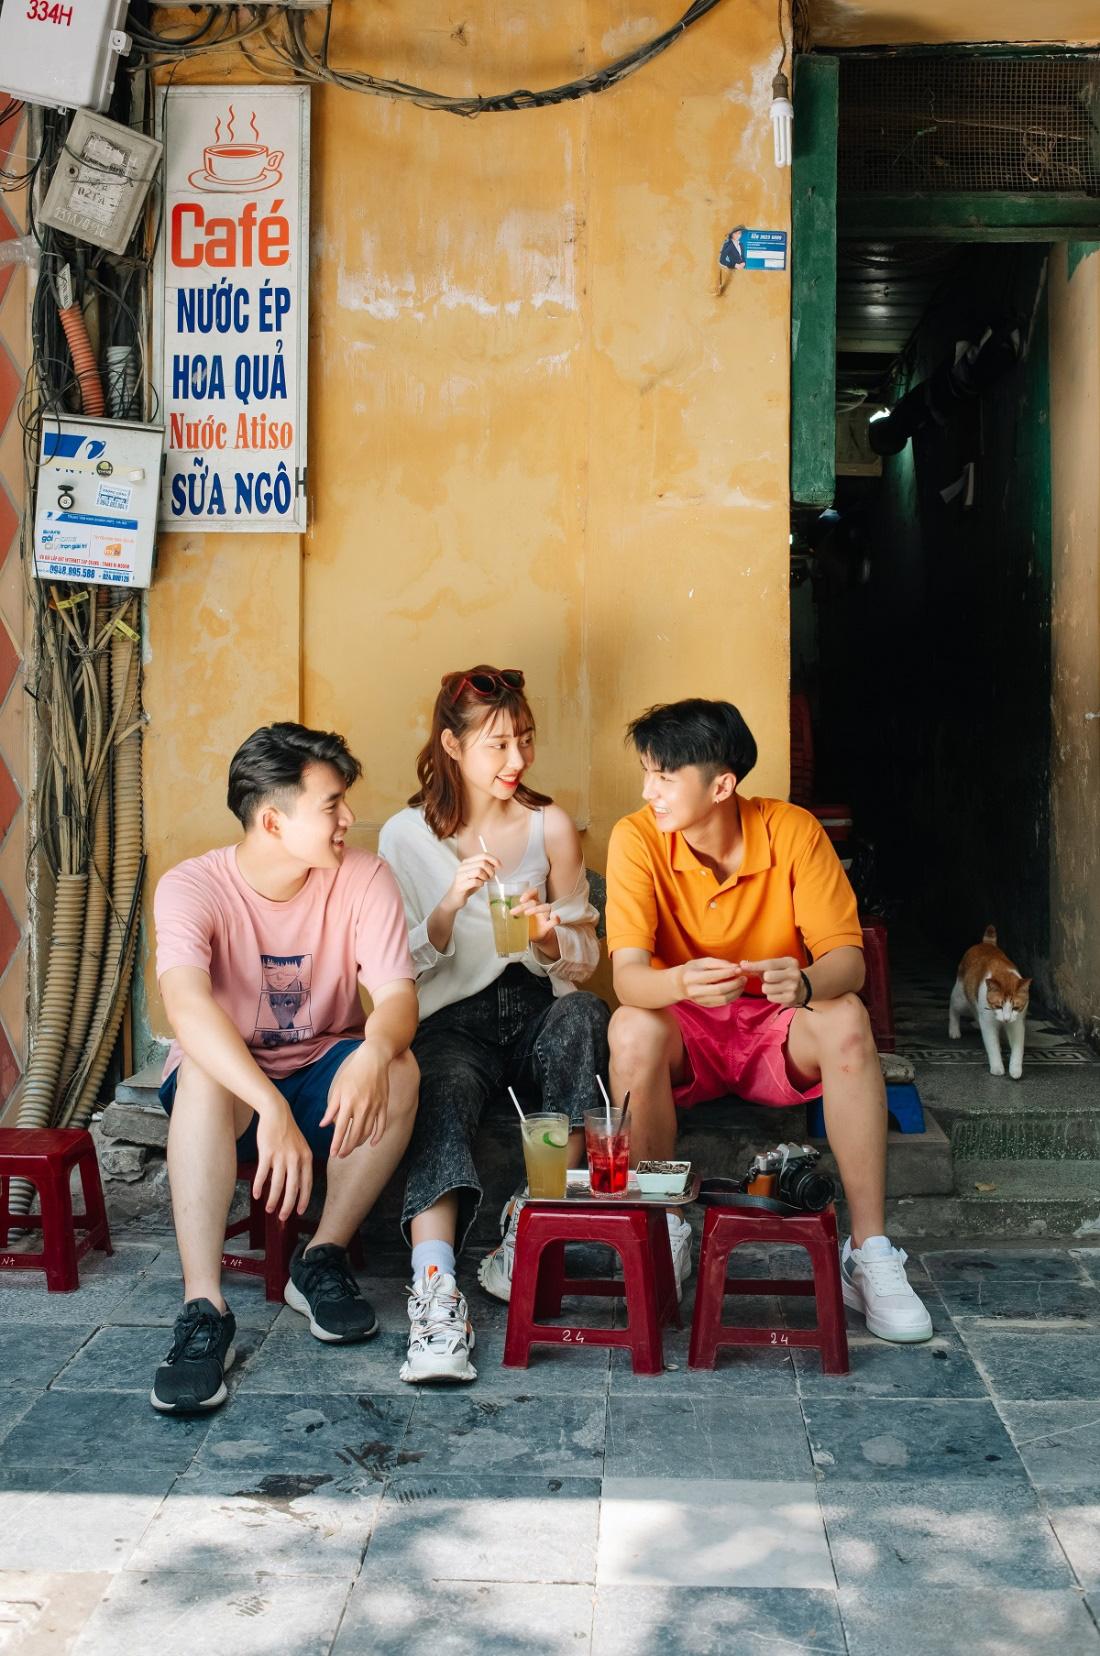 """Phố phường Hà Nội có cực nhiều tọa độ """"hot"""" nhưng UNIQLO Phạm Ngọc Thạch cũng vừa góp vui thêm một góc cực """"độc bạn đã biết chưa? - Ảnh 13."""